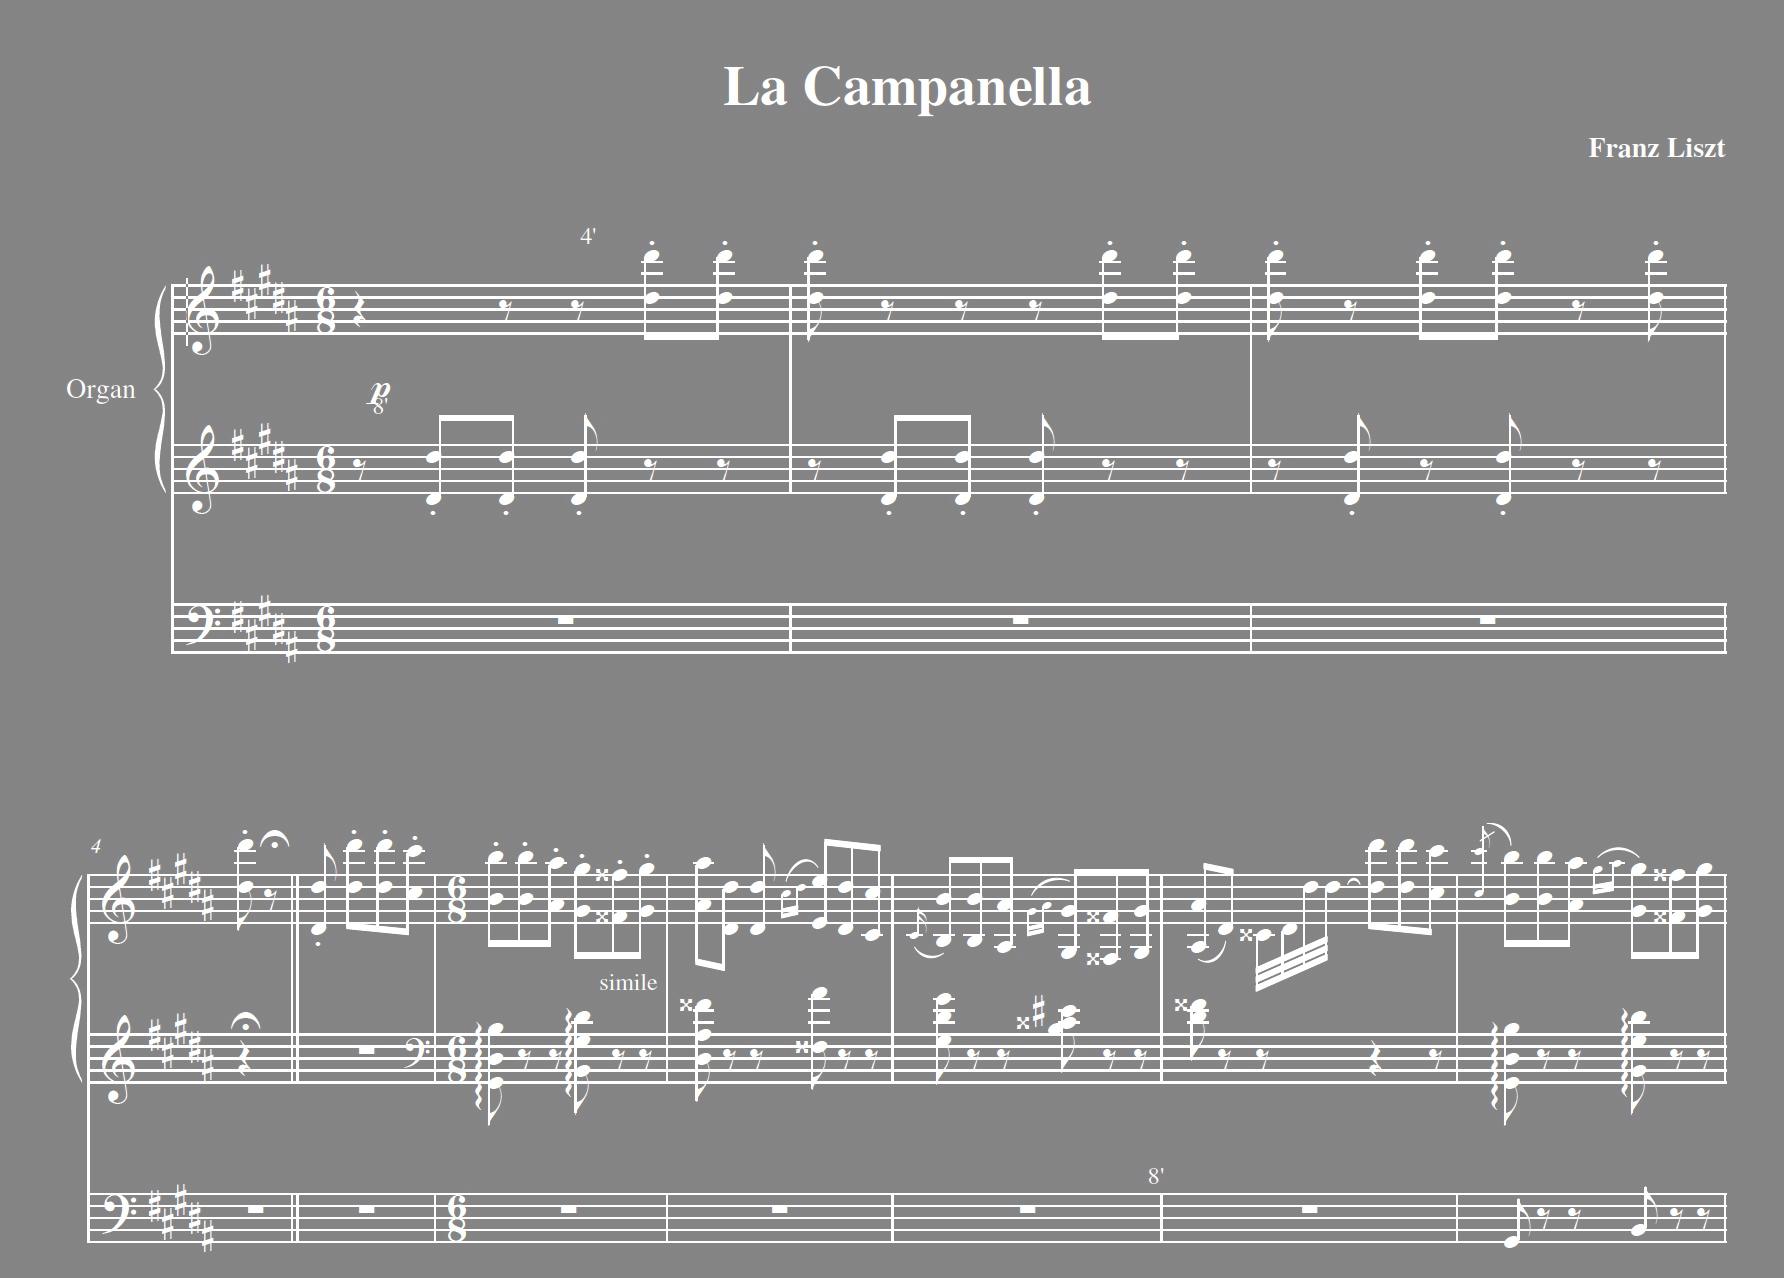 Liszt la campanella for organ